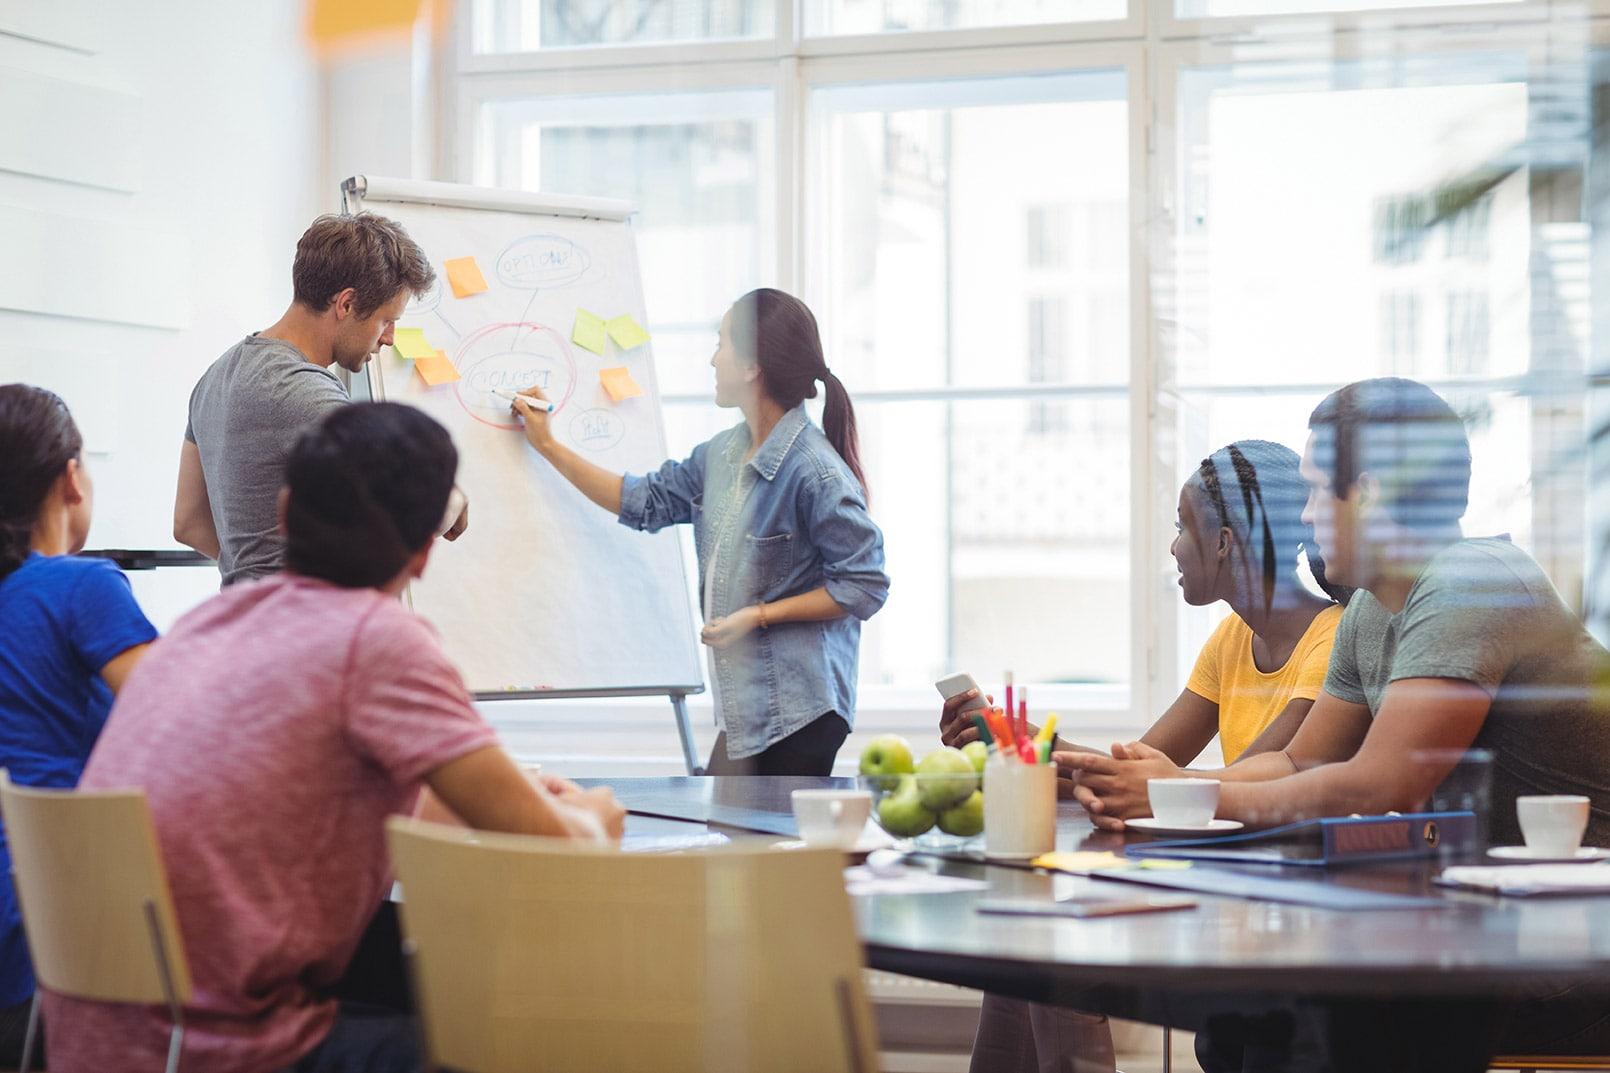 Groupe de travail dans une salle de reunion, équipe métissé